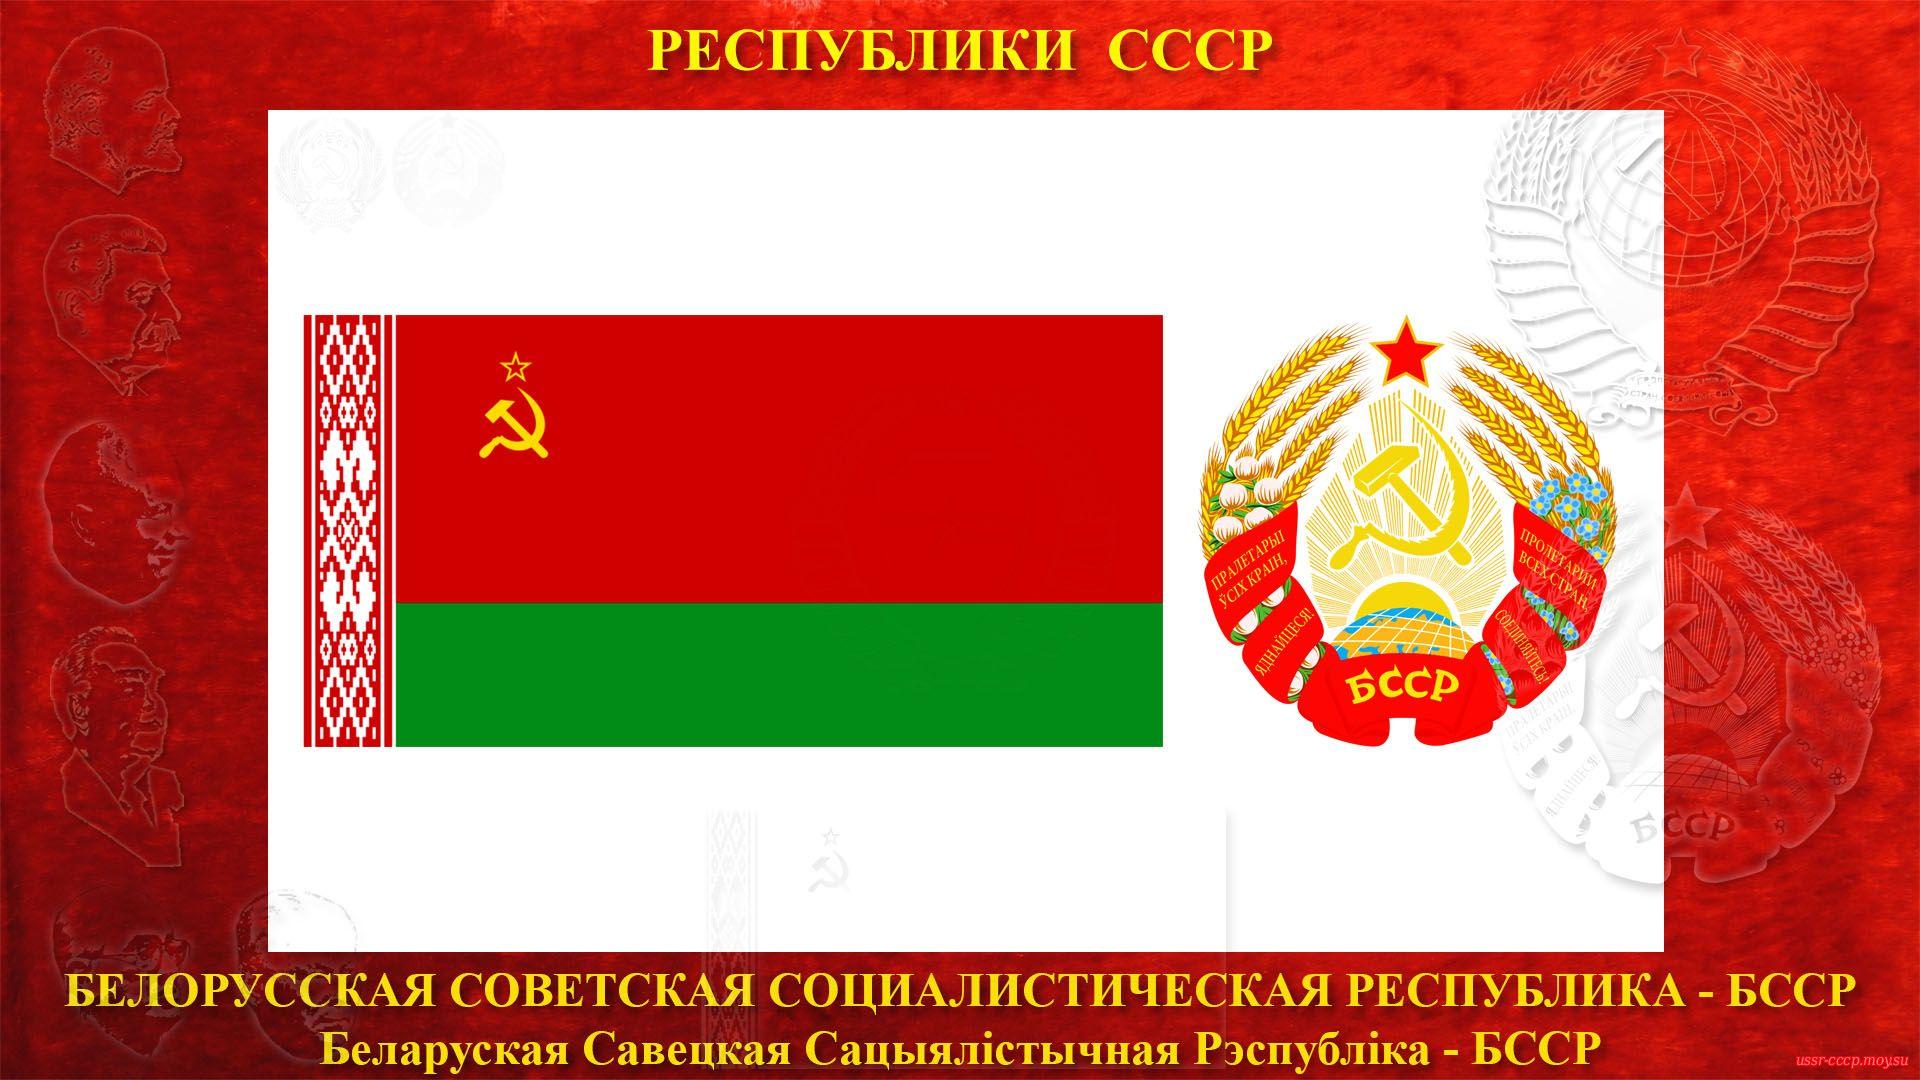 БССР — Белорусская Советская Социалистическая Республика (30.12.1922 — де-юре)